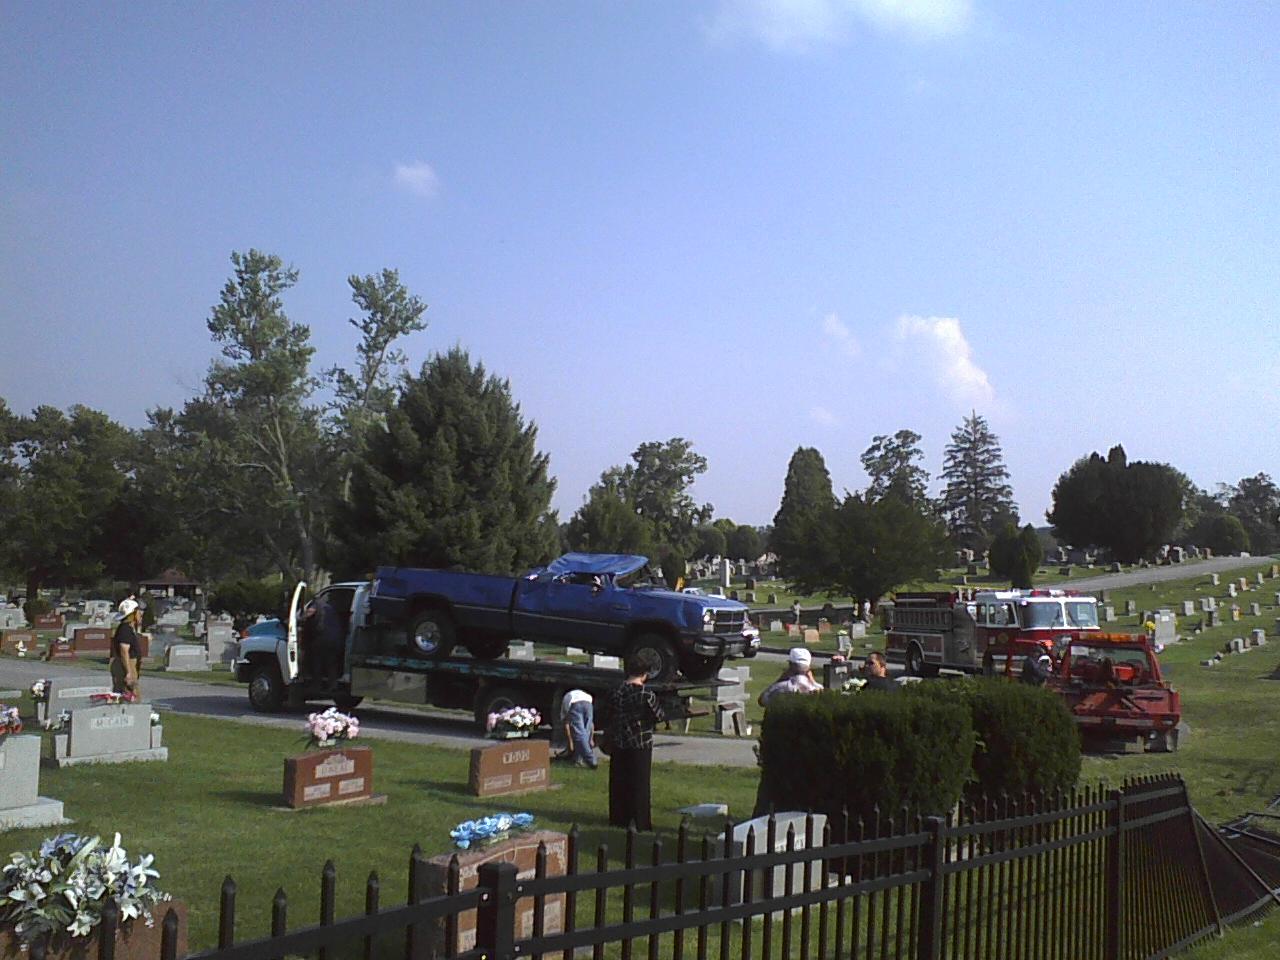 Overturned Truck In Cemetery #1 - 8-27-2009.jpg